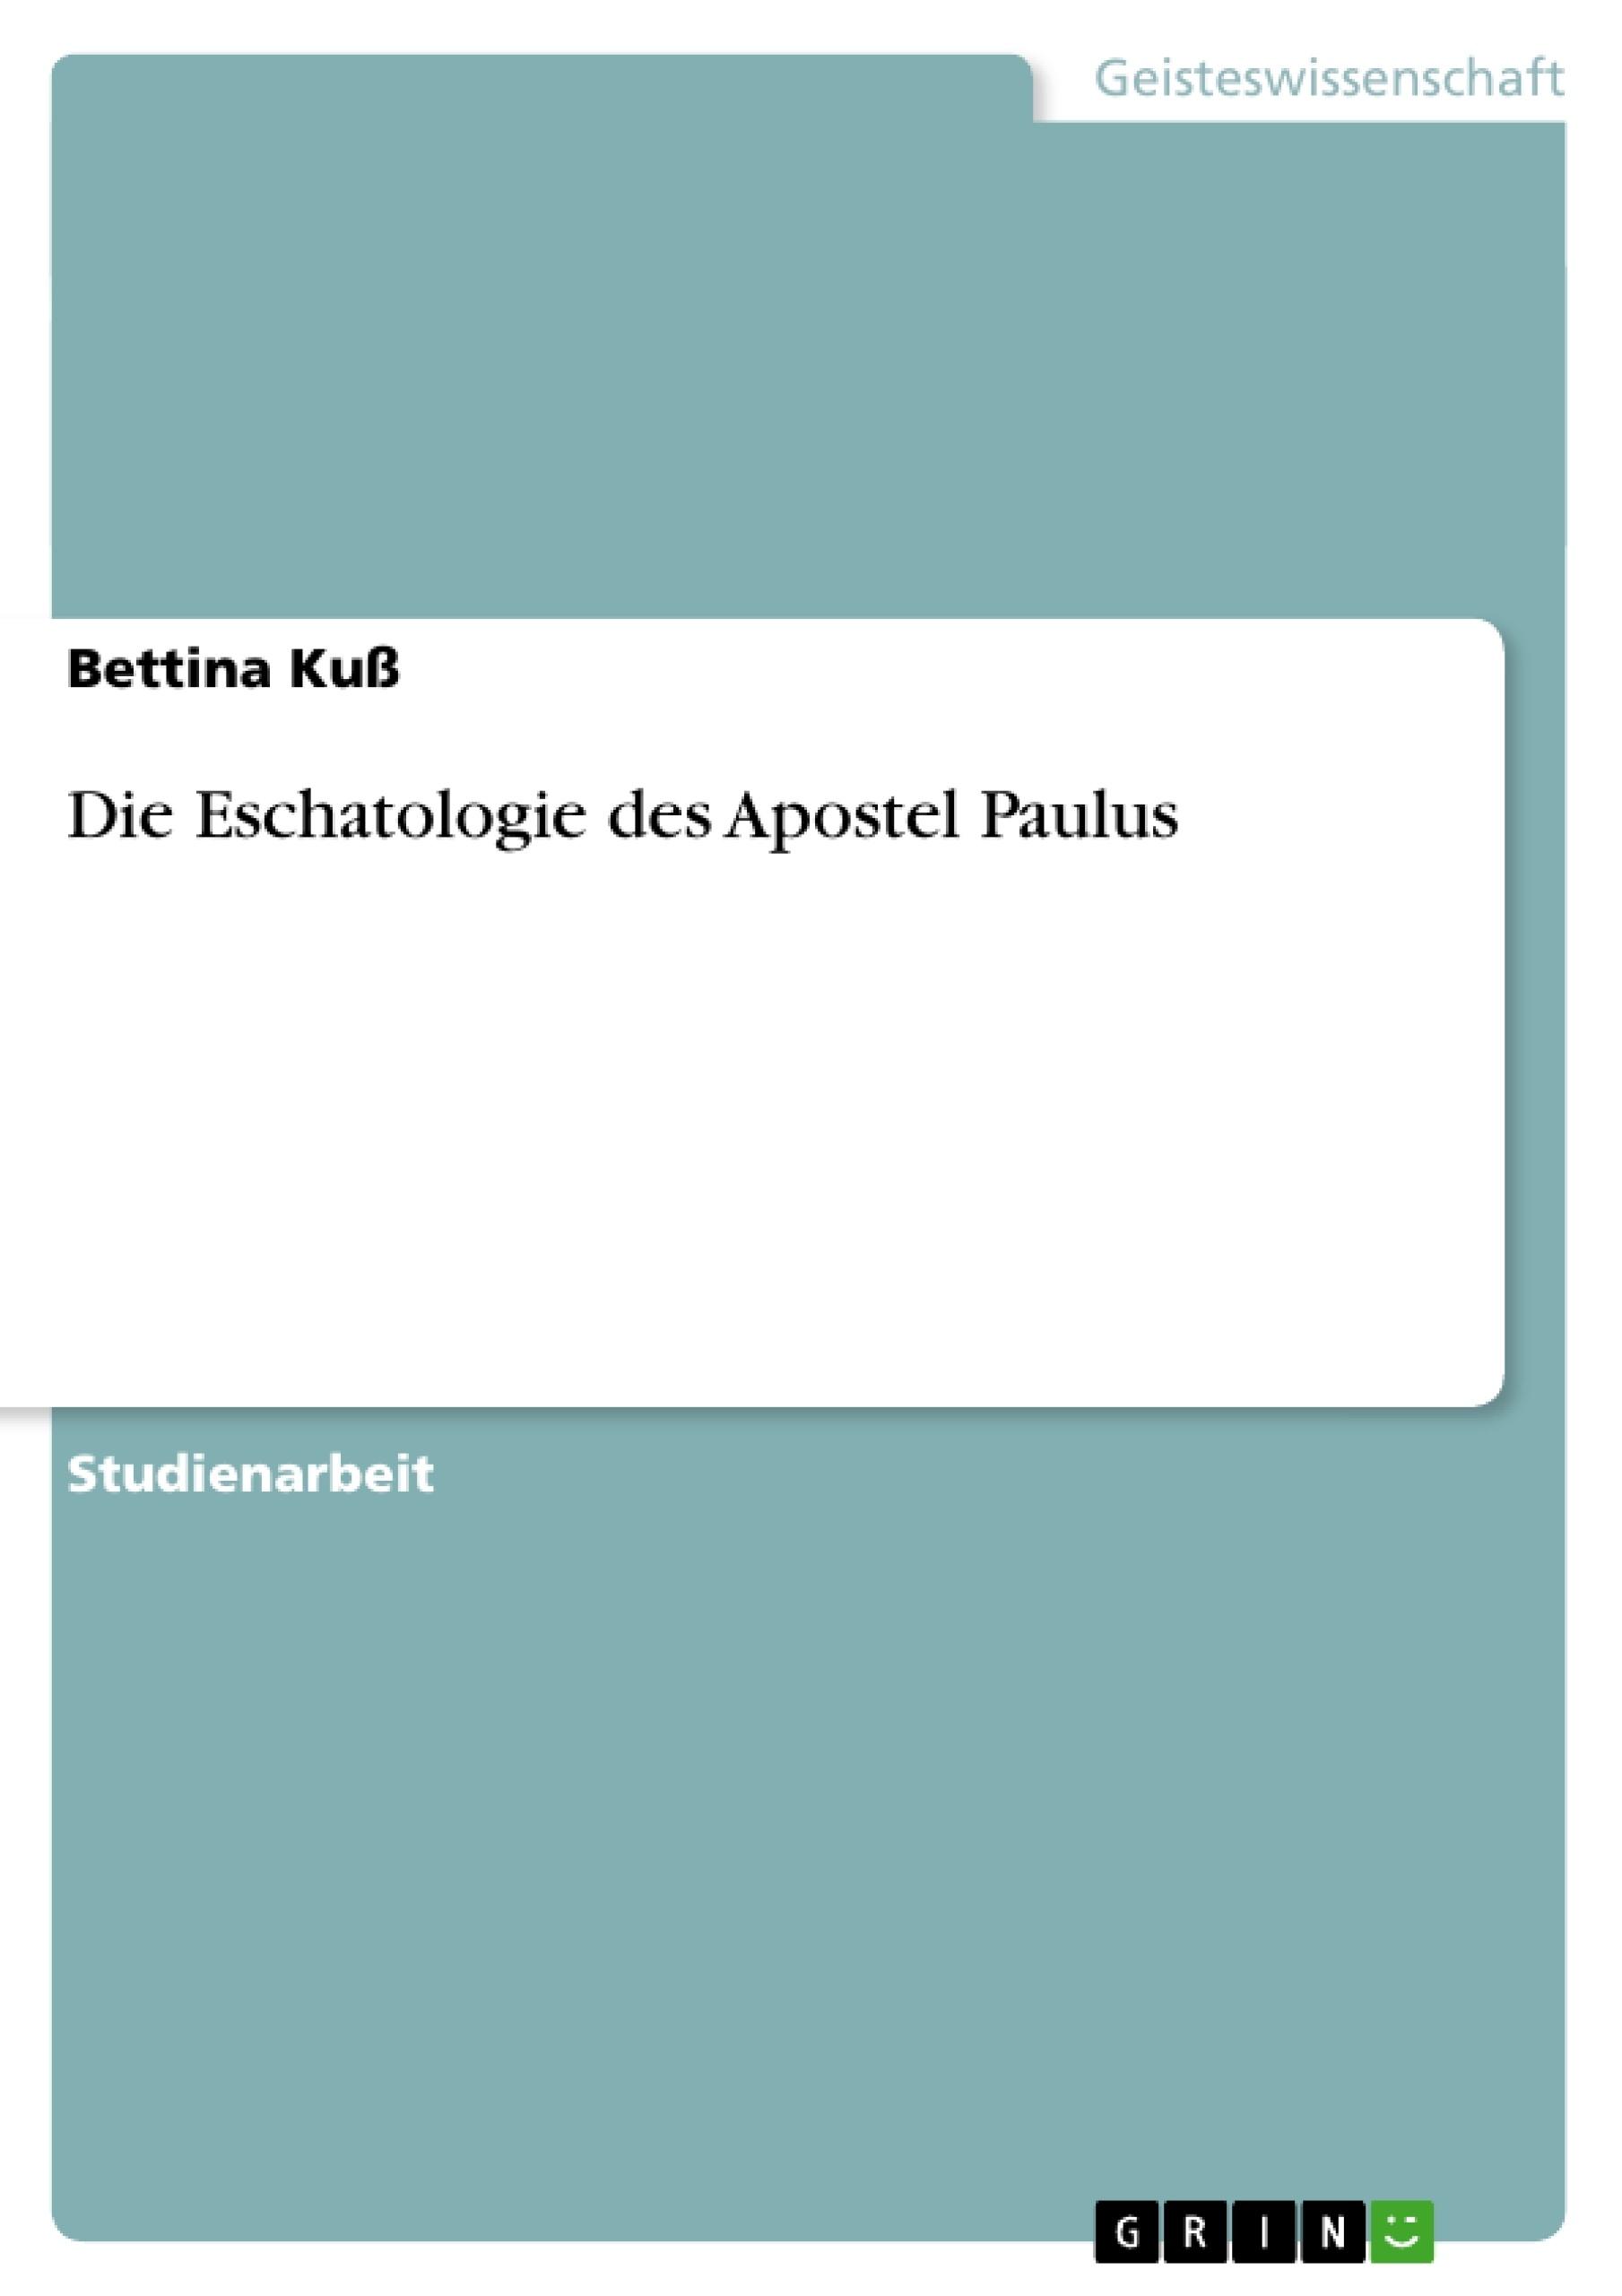 Titel: Die Eschatologie des Apostel Paulus